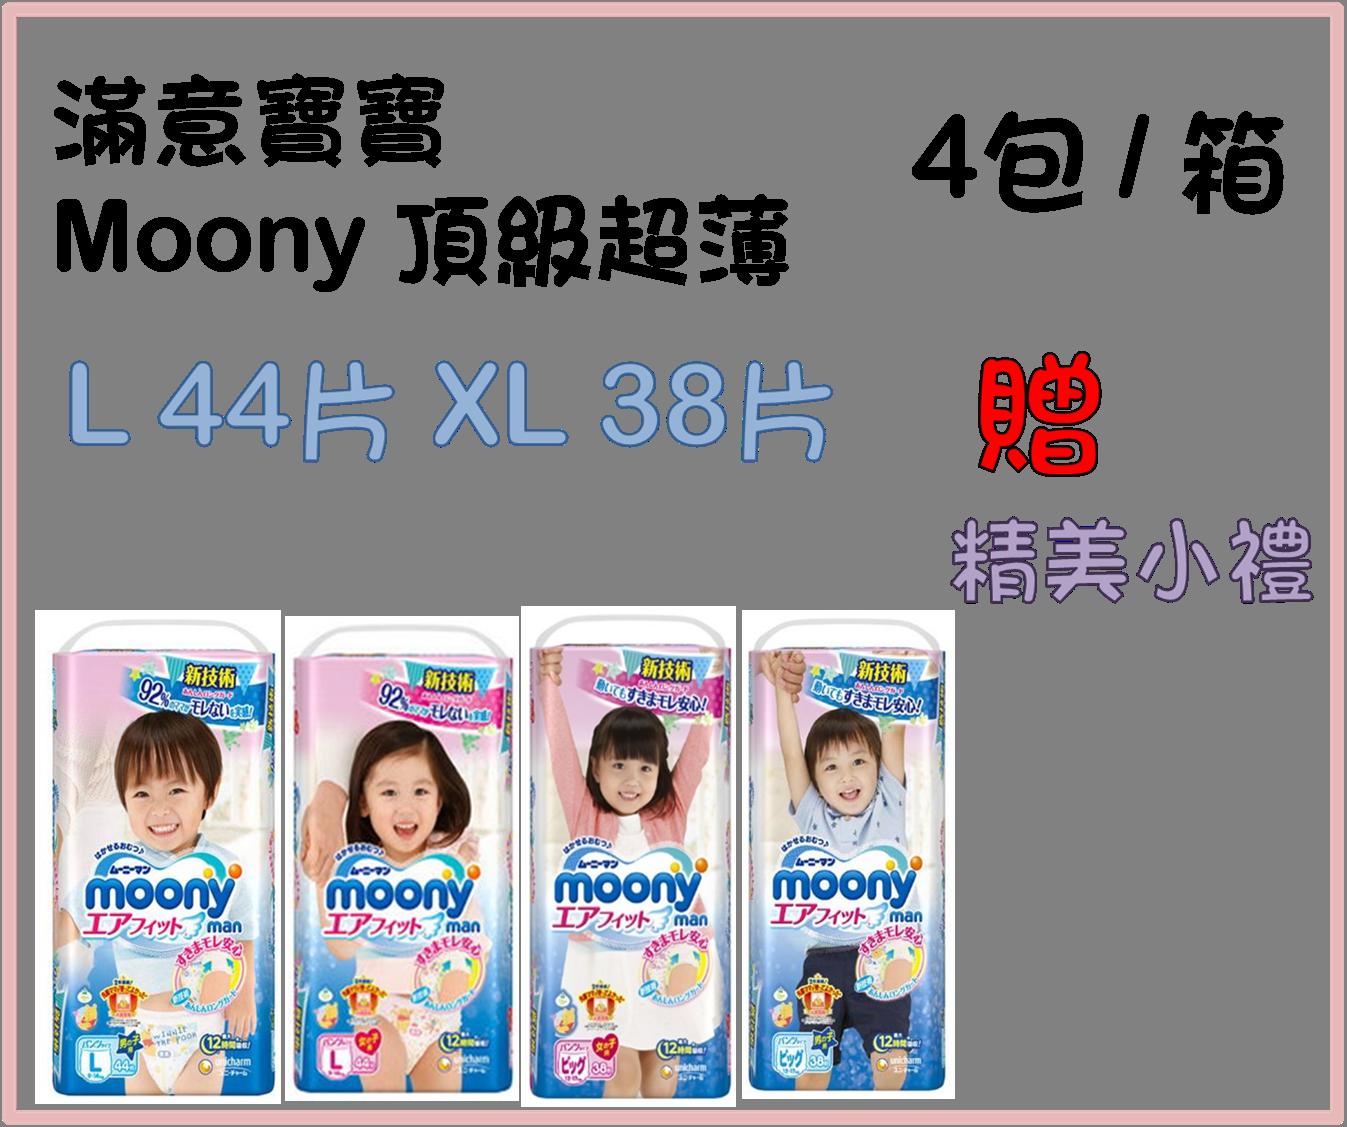 ❤ 歡慶雙12 ❤ 【限時限量】✿ 箱購 ✿ 滿意寶寶 Moony 頂級超薄 褲型 L XL